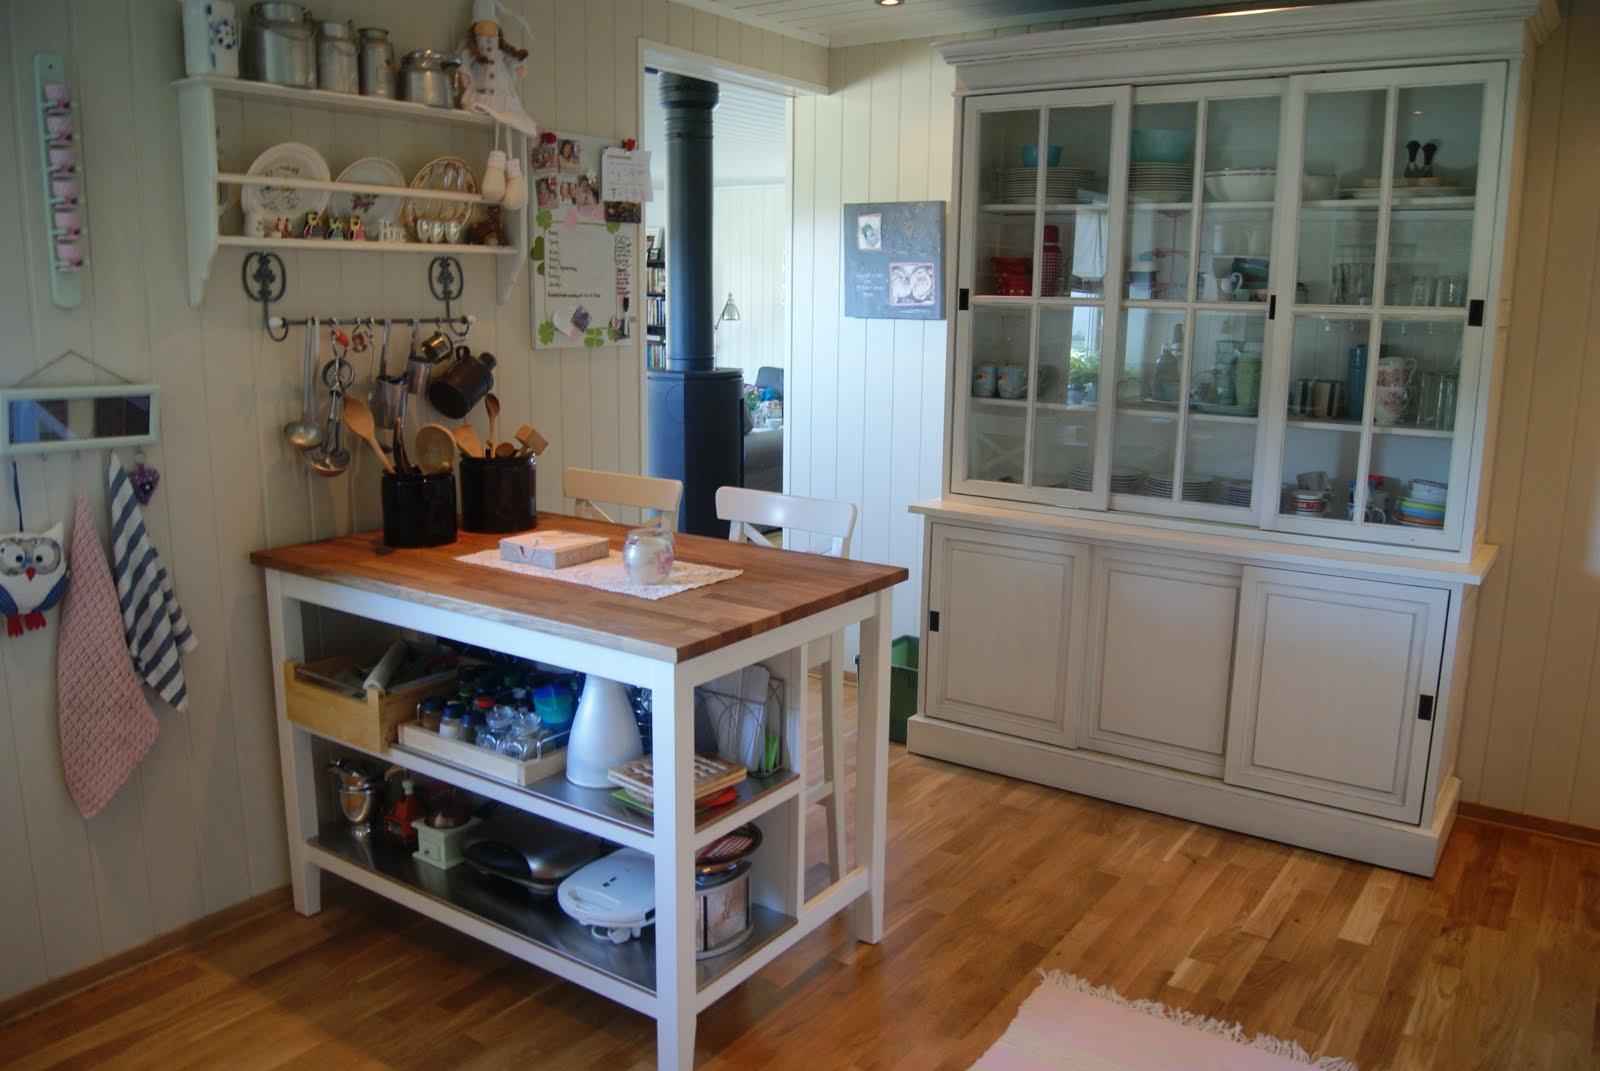 Mowe interior